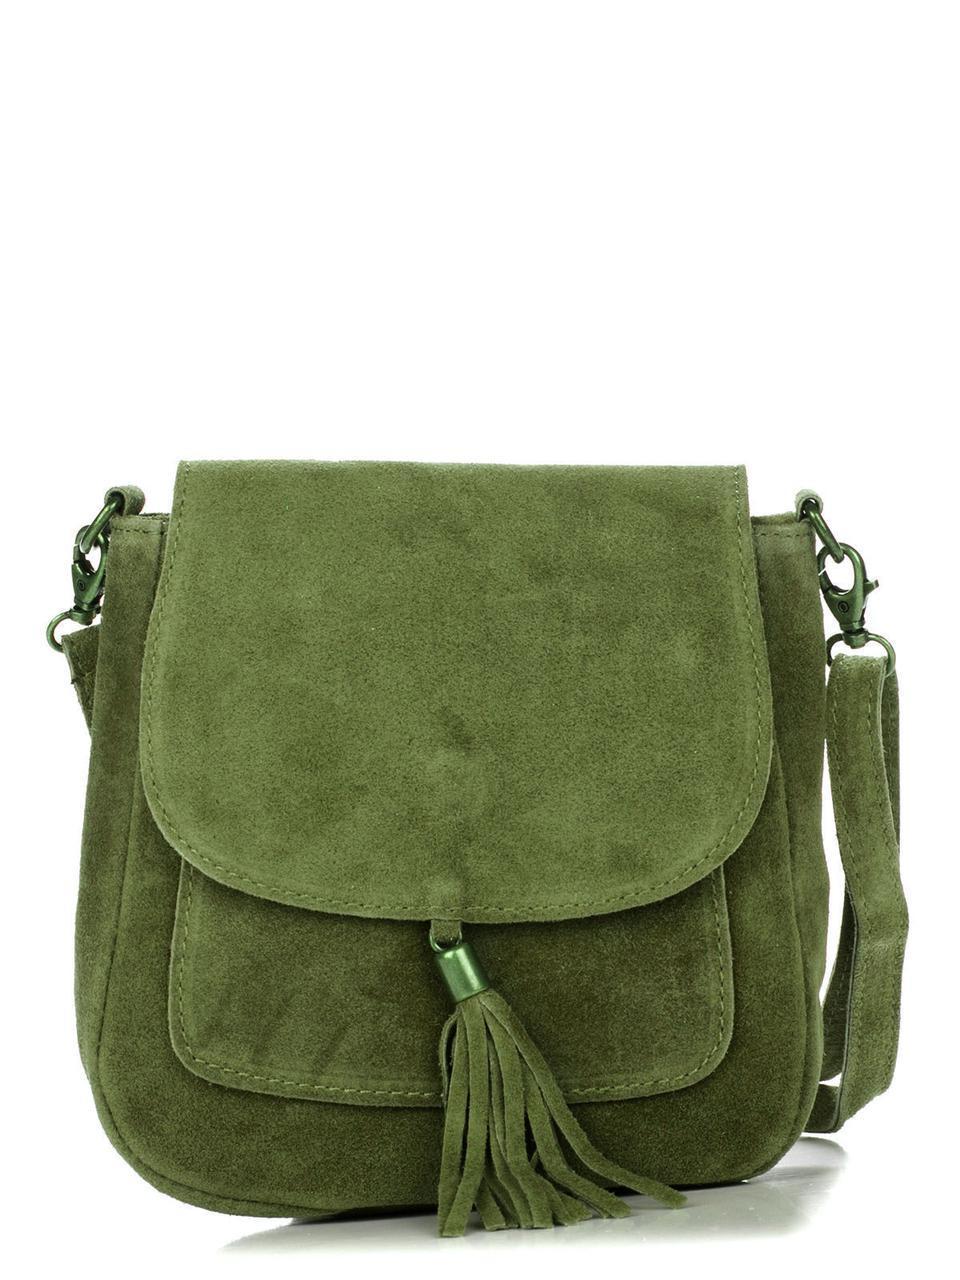 Женская кожаная сумка LANIRA Diva's Bag цвет зеленый